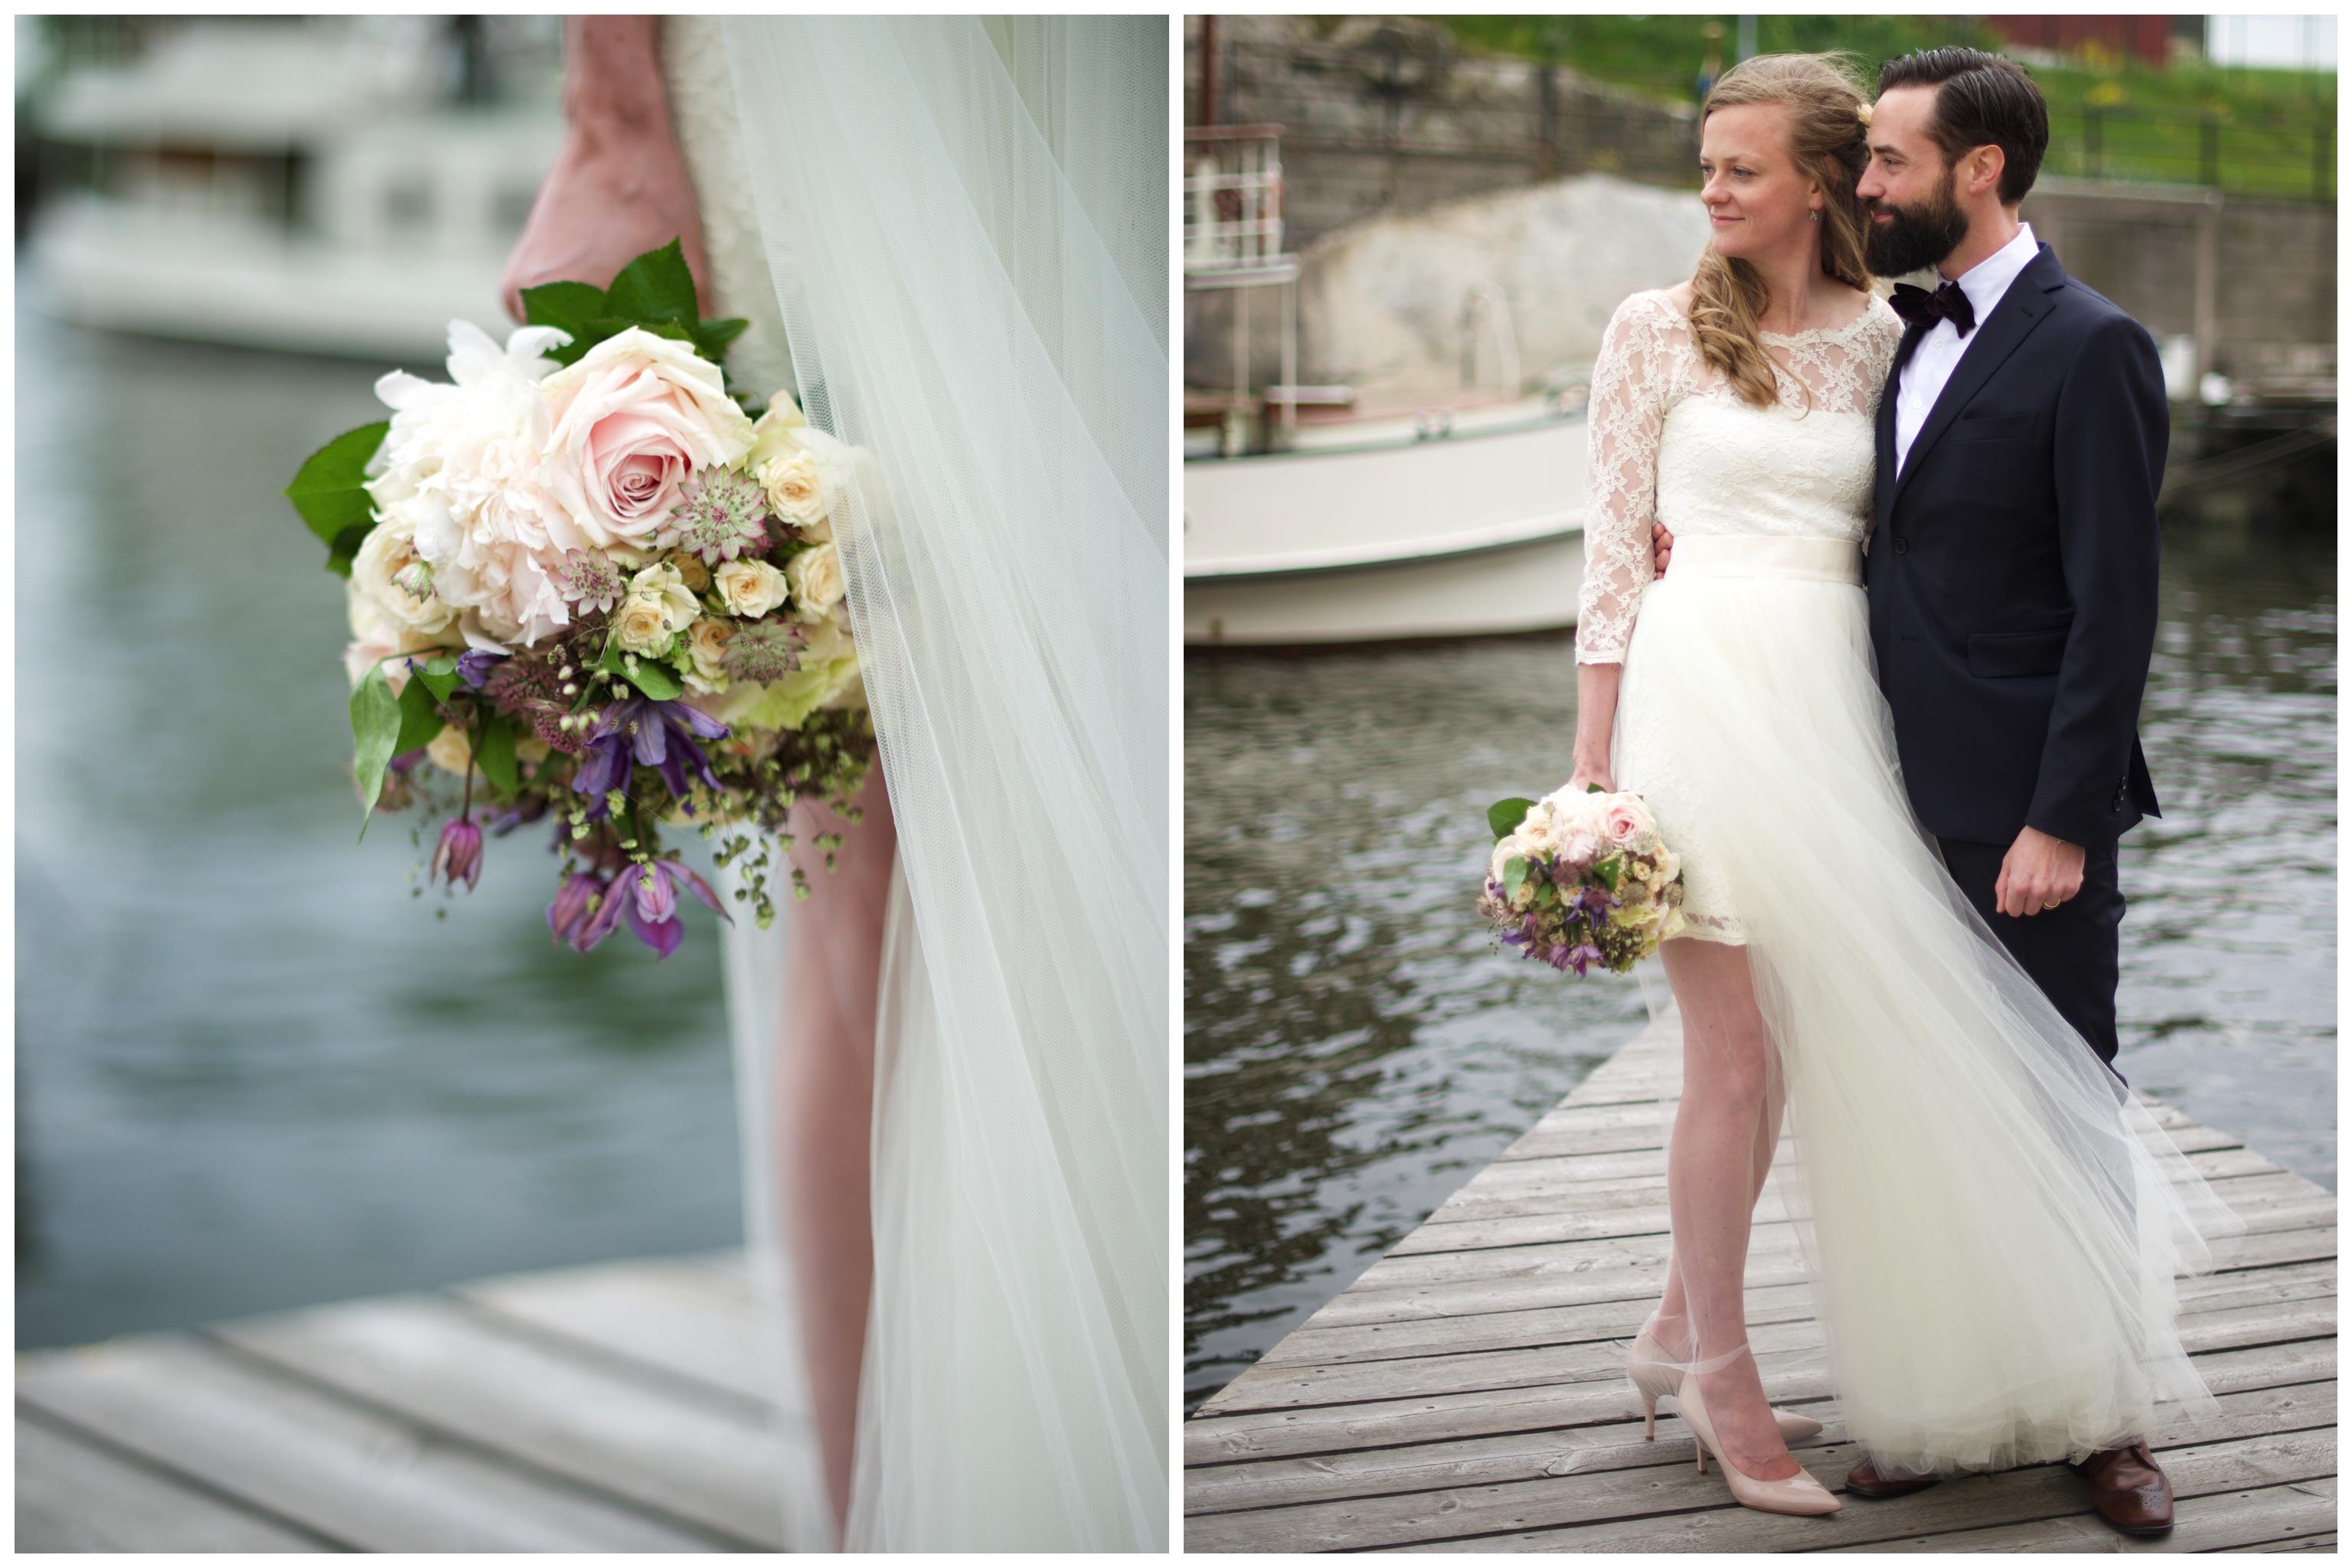 Nygifta på bryggan vid Oaxen på Djurgården. Fotograf Erika Aminoff